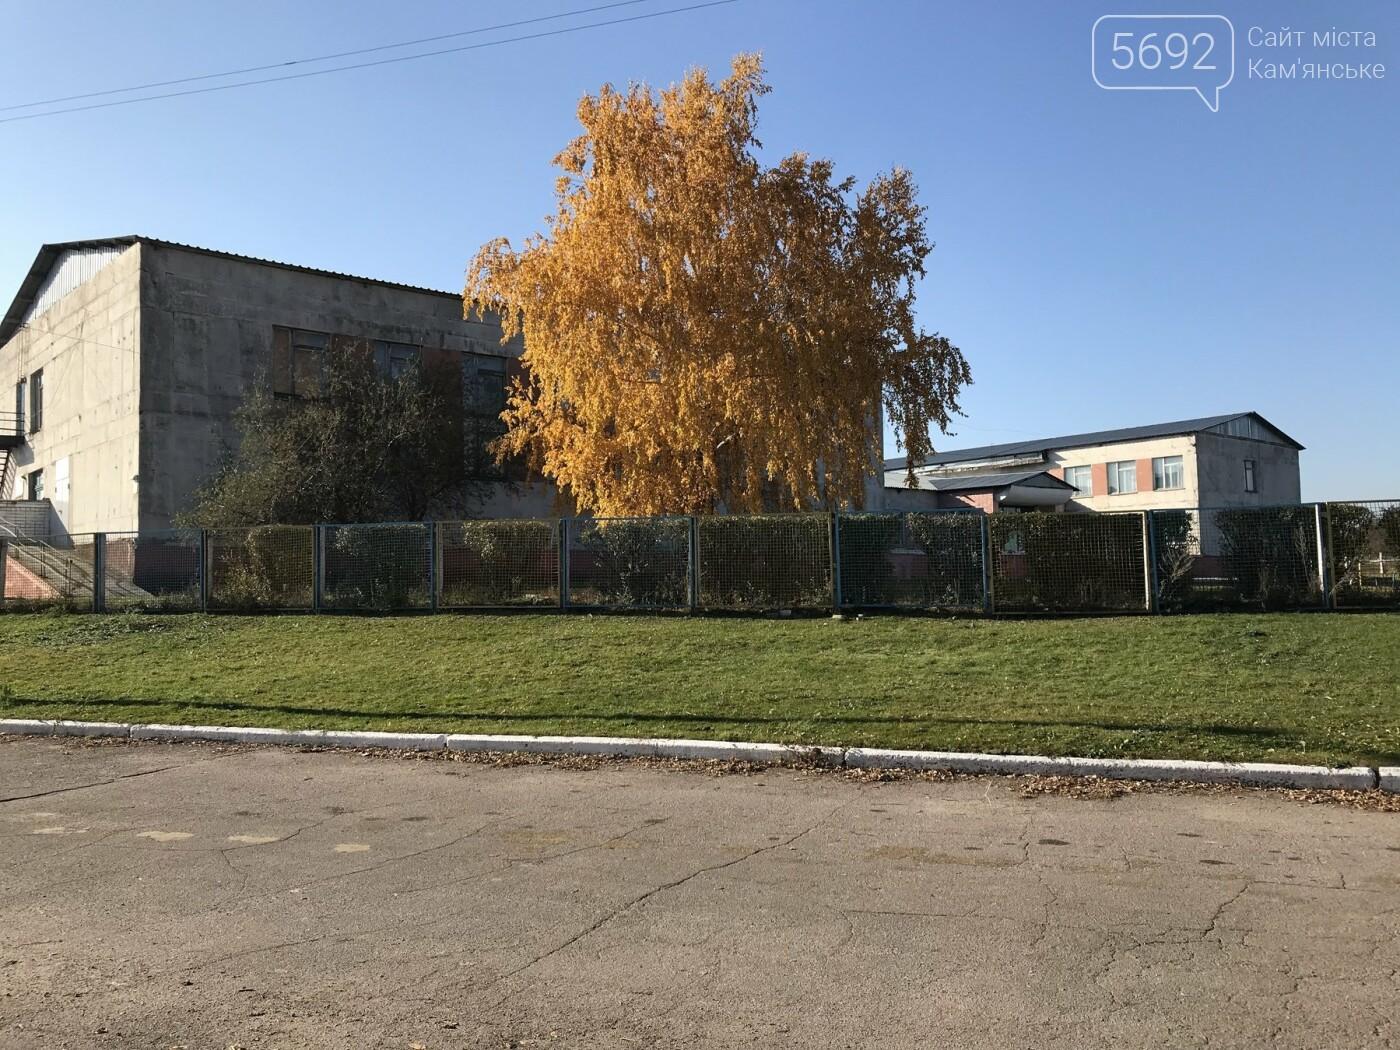 Что получит Каменское в случае присоединения: репортаж из Степового, фото-36